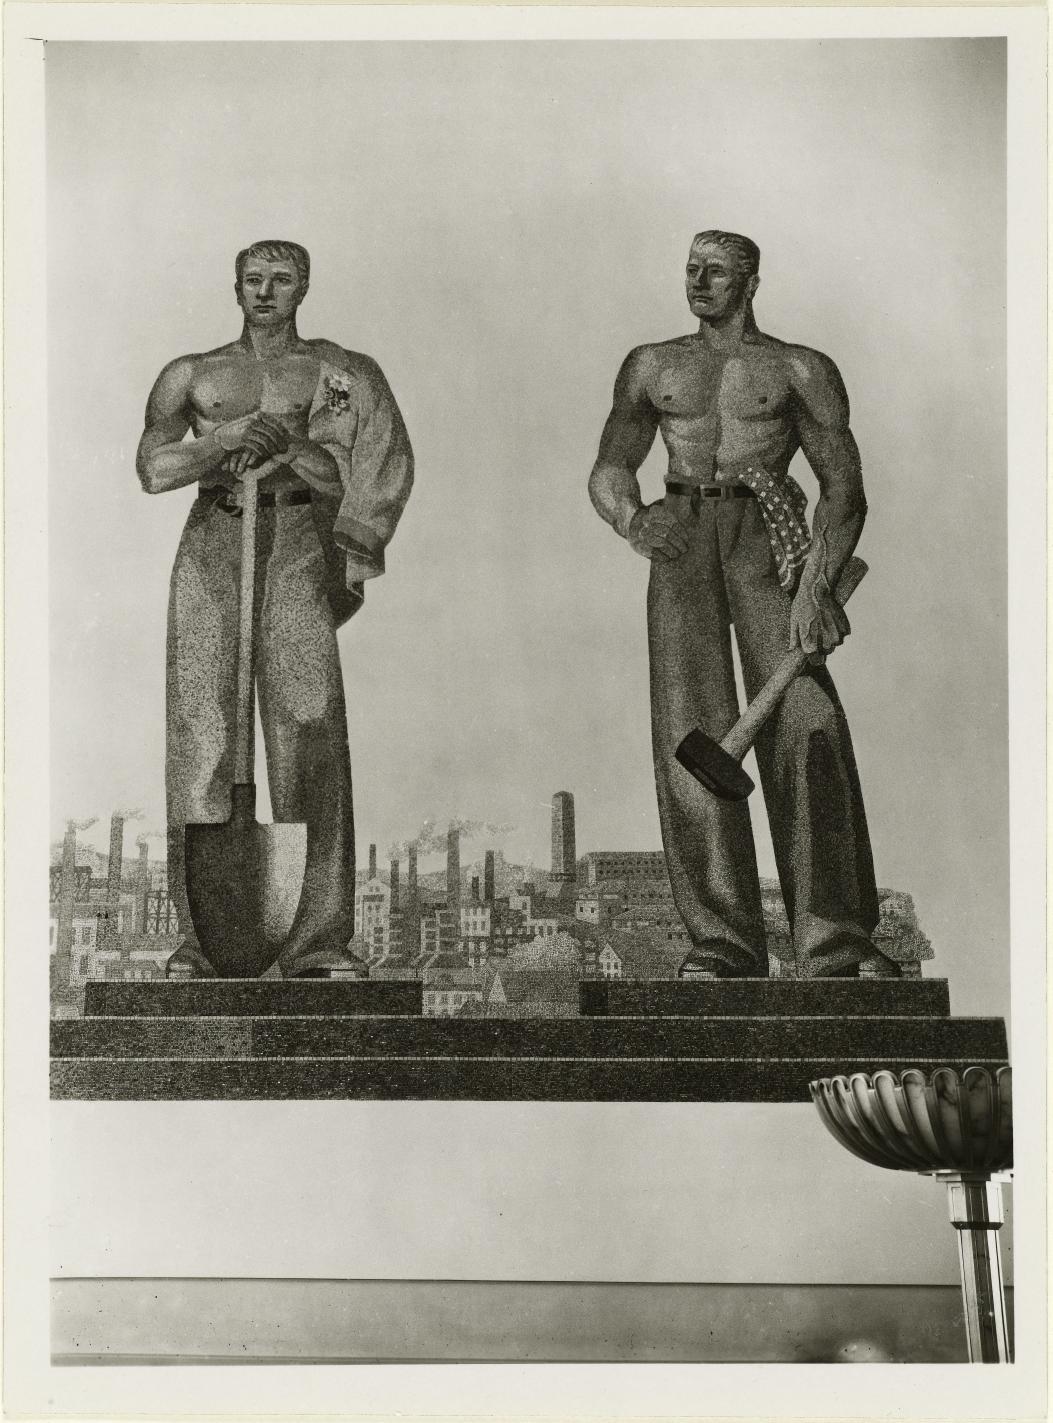 Большой выставочный зал. Мозаичная фреска «Немецкие рабочие» работы Огаста Вагнера